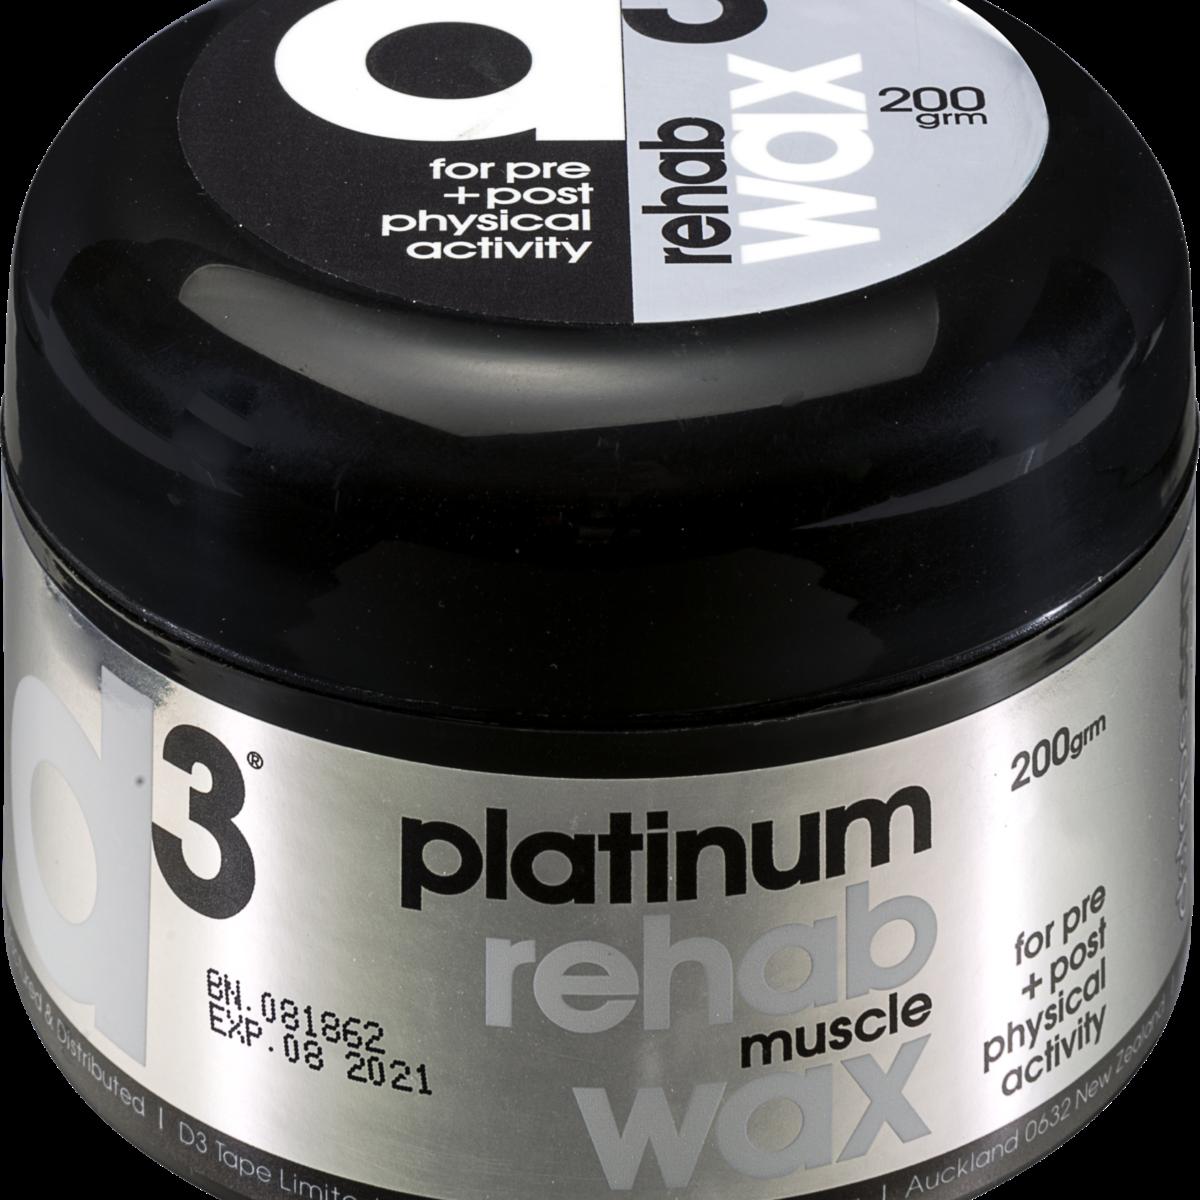 d3 Platinum Rub